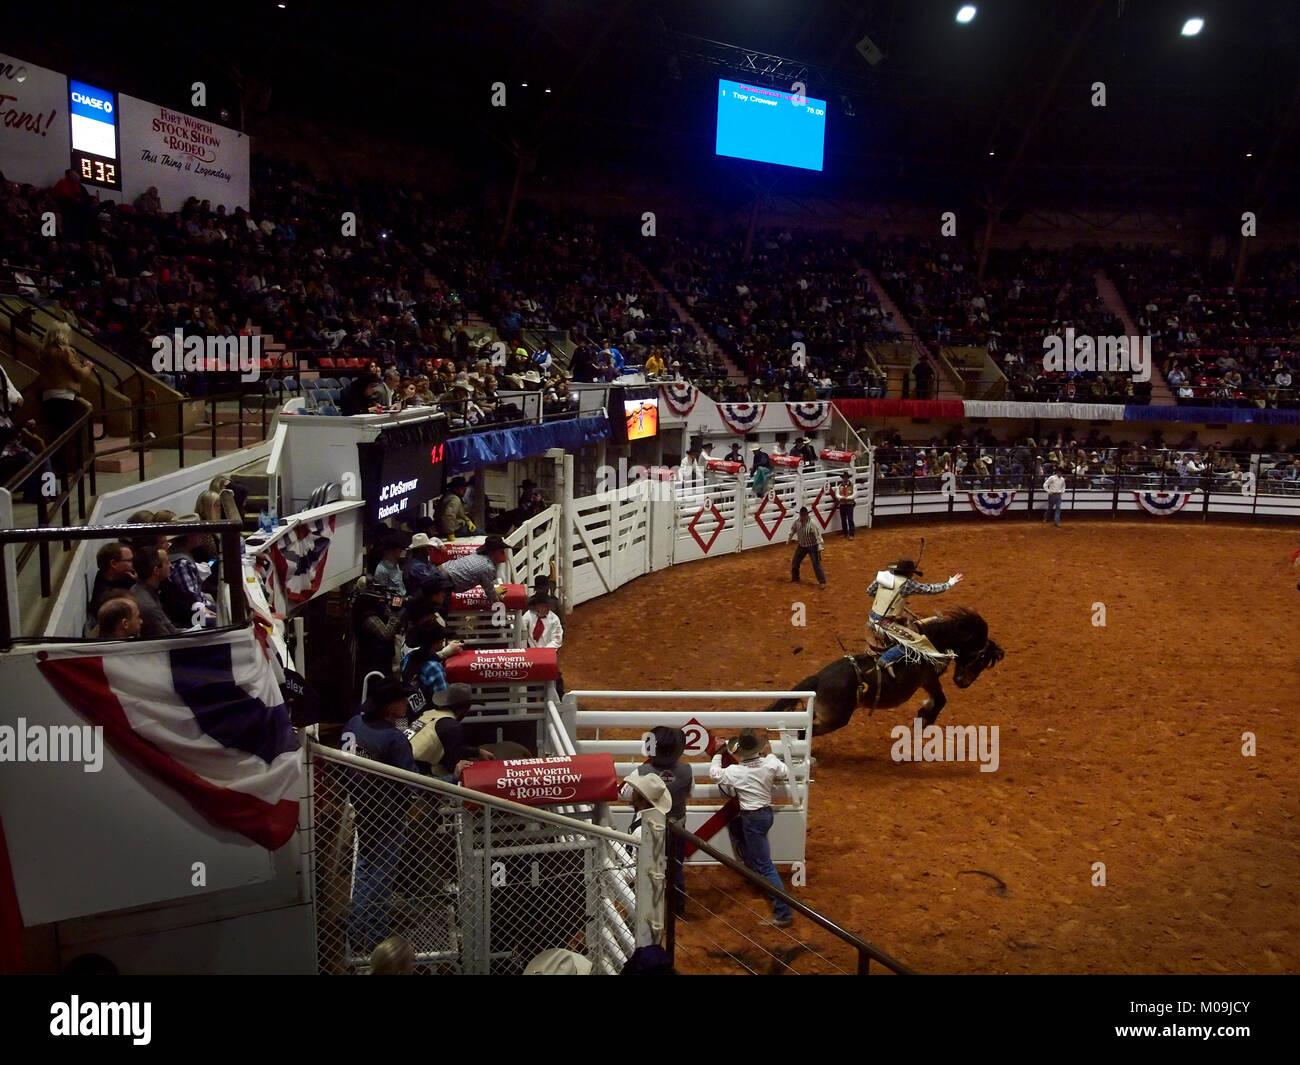 Fort Worth, USA. 19 Jan, 2018. Rodéo d'ouverture à la plus vieille piscine rodéo au monde, le Fort Worth Stock Show and Rodeo célèbre 100 ans de compétition à l'intérieur. Photo de cowboy professionnel participant à la voltige en événement. Le Rodeo est sanctionné comme un professionnel Rodeo Cowboy Association événement. Crédit: J. G. Domke/Alamy Live News Banque D'Images